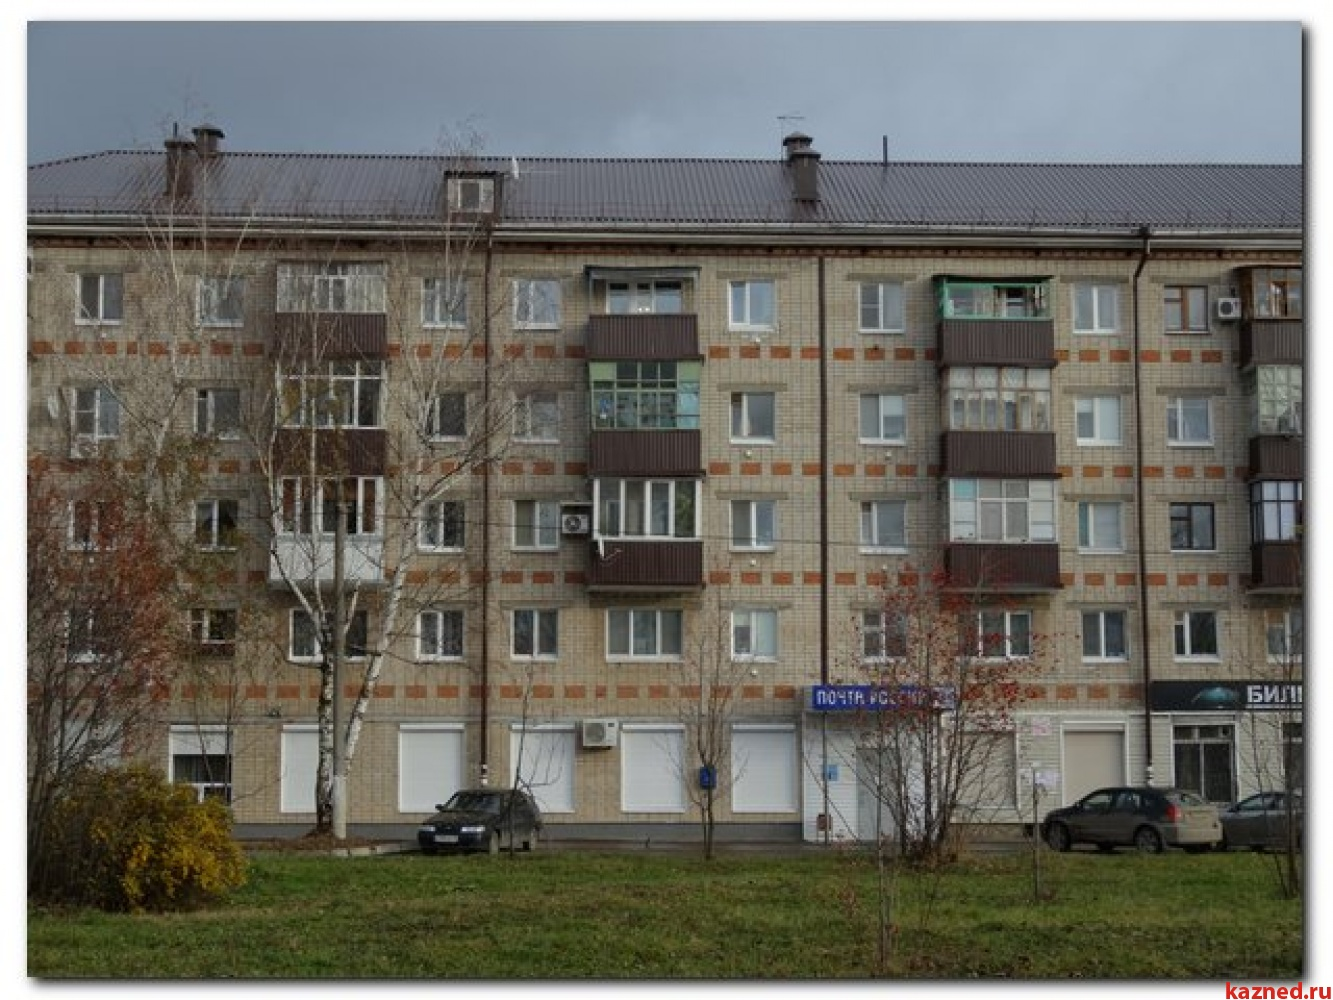 Продажа 2-к квартиры Химиков,39, 46 м² (миниатюра №1)